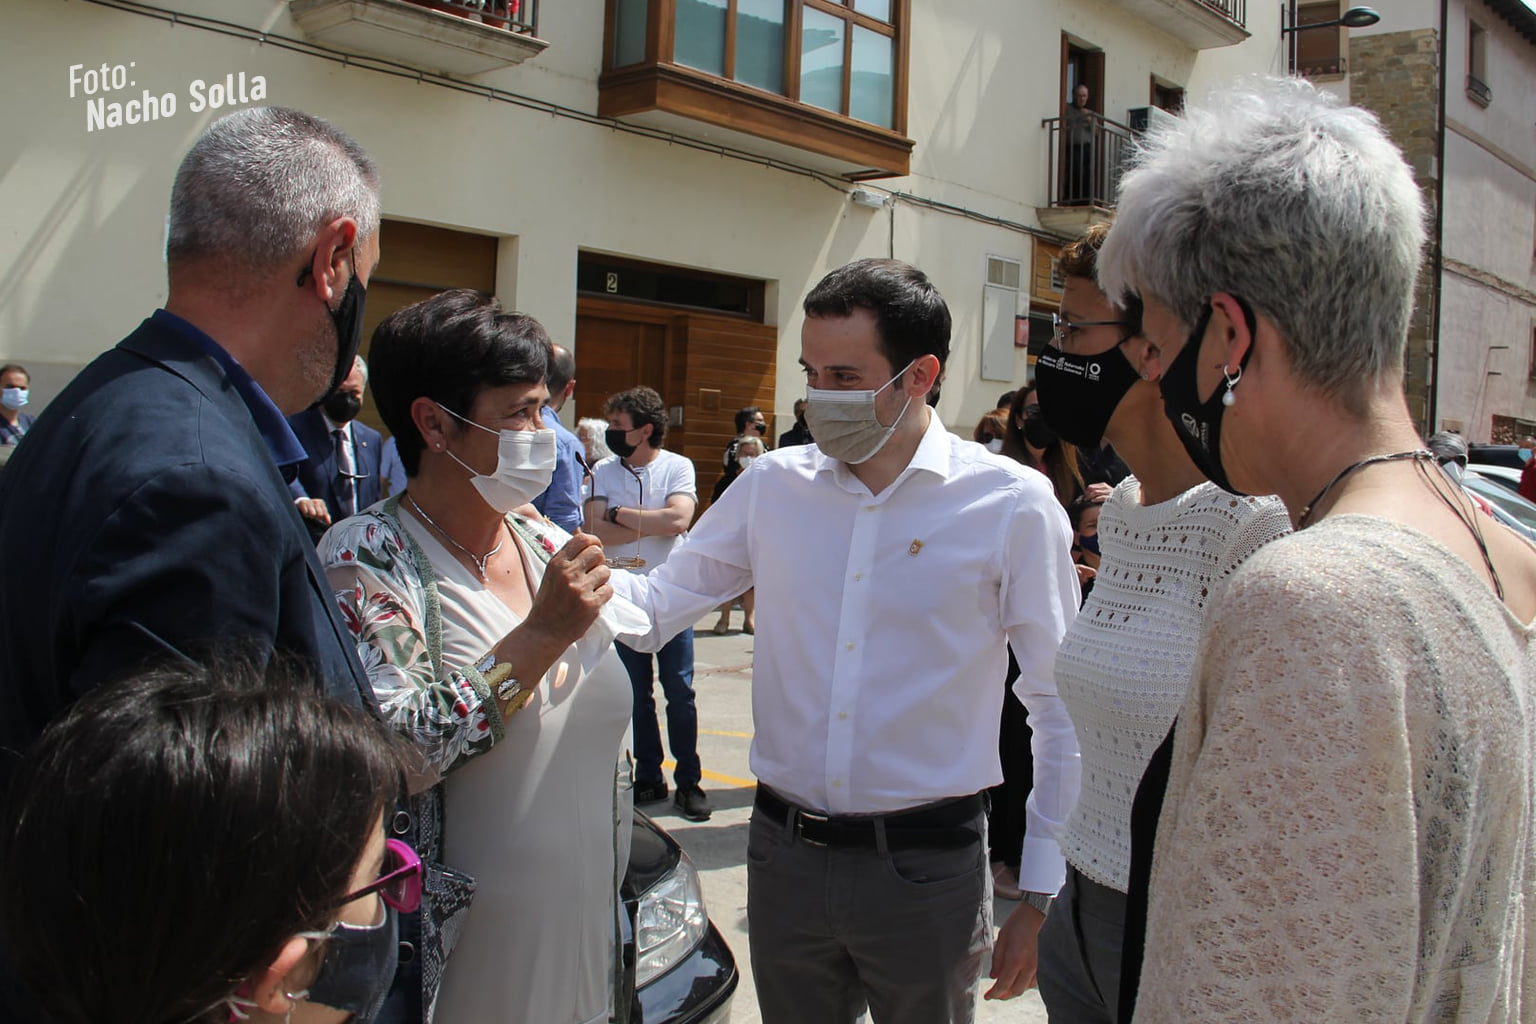 18 años de un asesinato sin resolver: Sangüesa no olvida a Julián Embid y a Bonifacio Martín